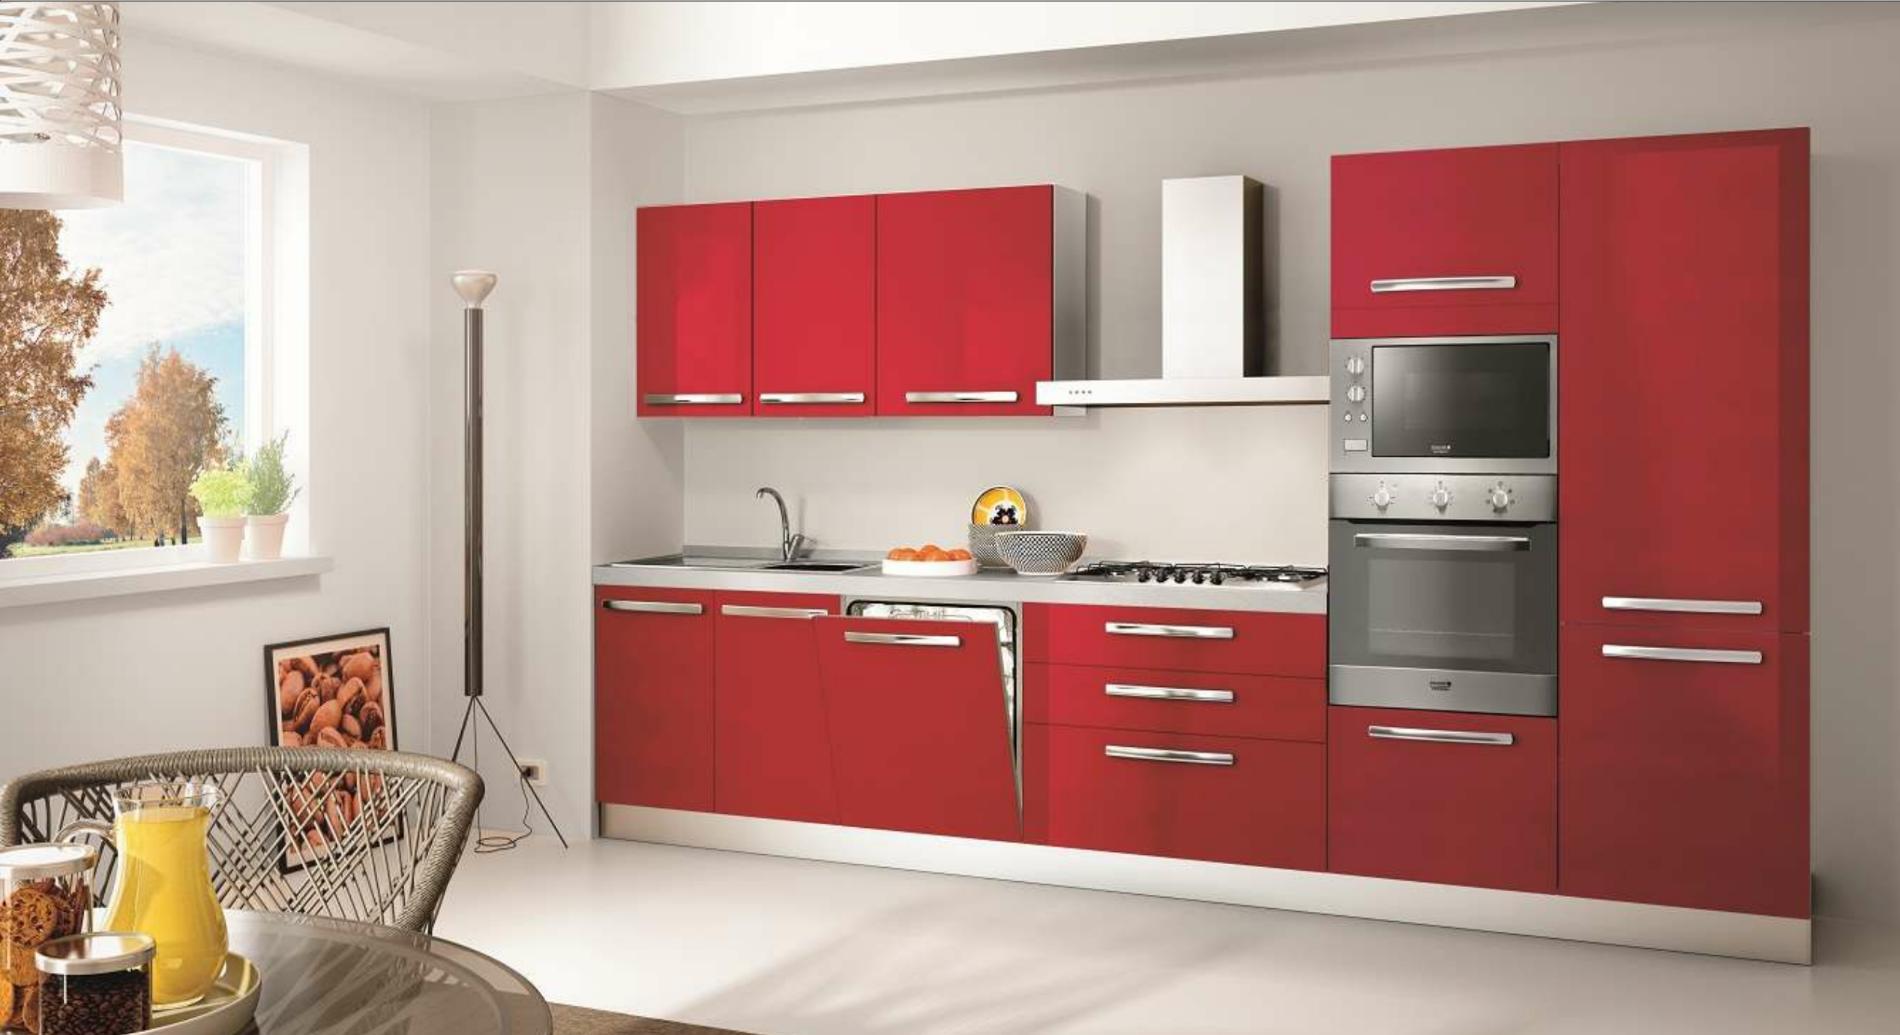 Mobilturi cucine cucina cucina modello gaia cucine a prezzi scontati - Cucine mobilturi ...